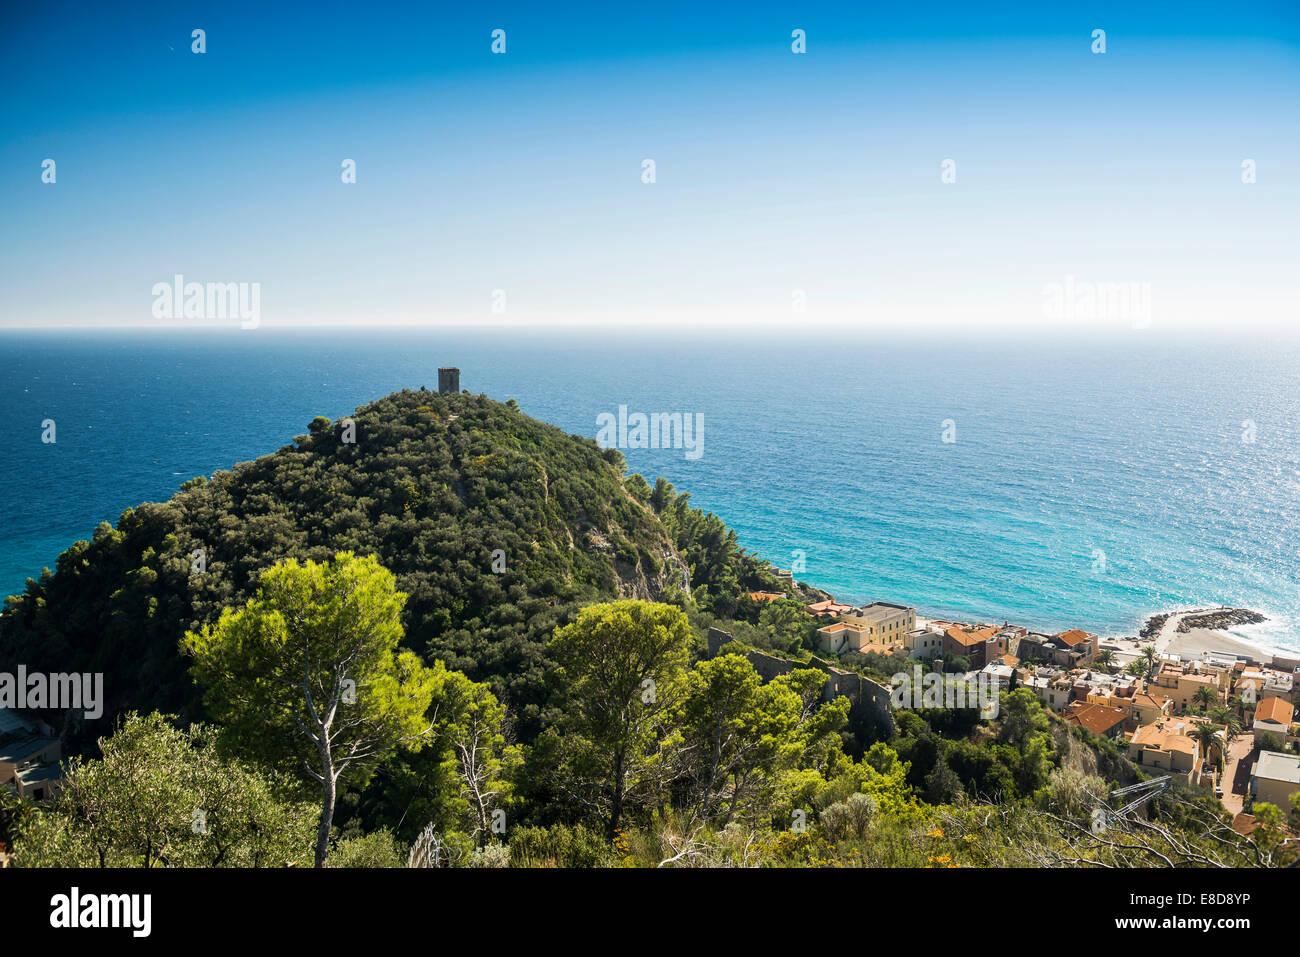 The village of Varigotti on the coast, Finale Ligure, Liguria, Italy - Stock Image